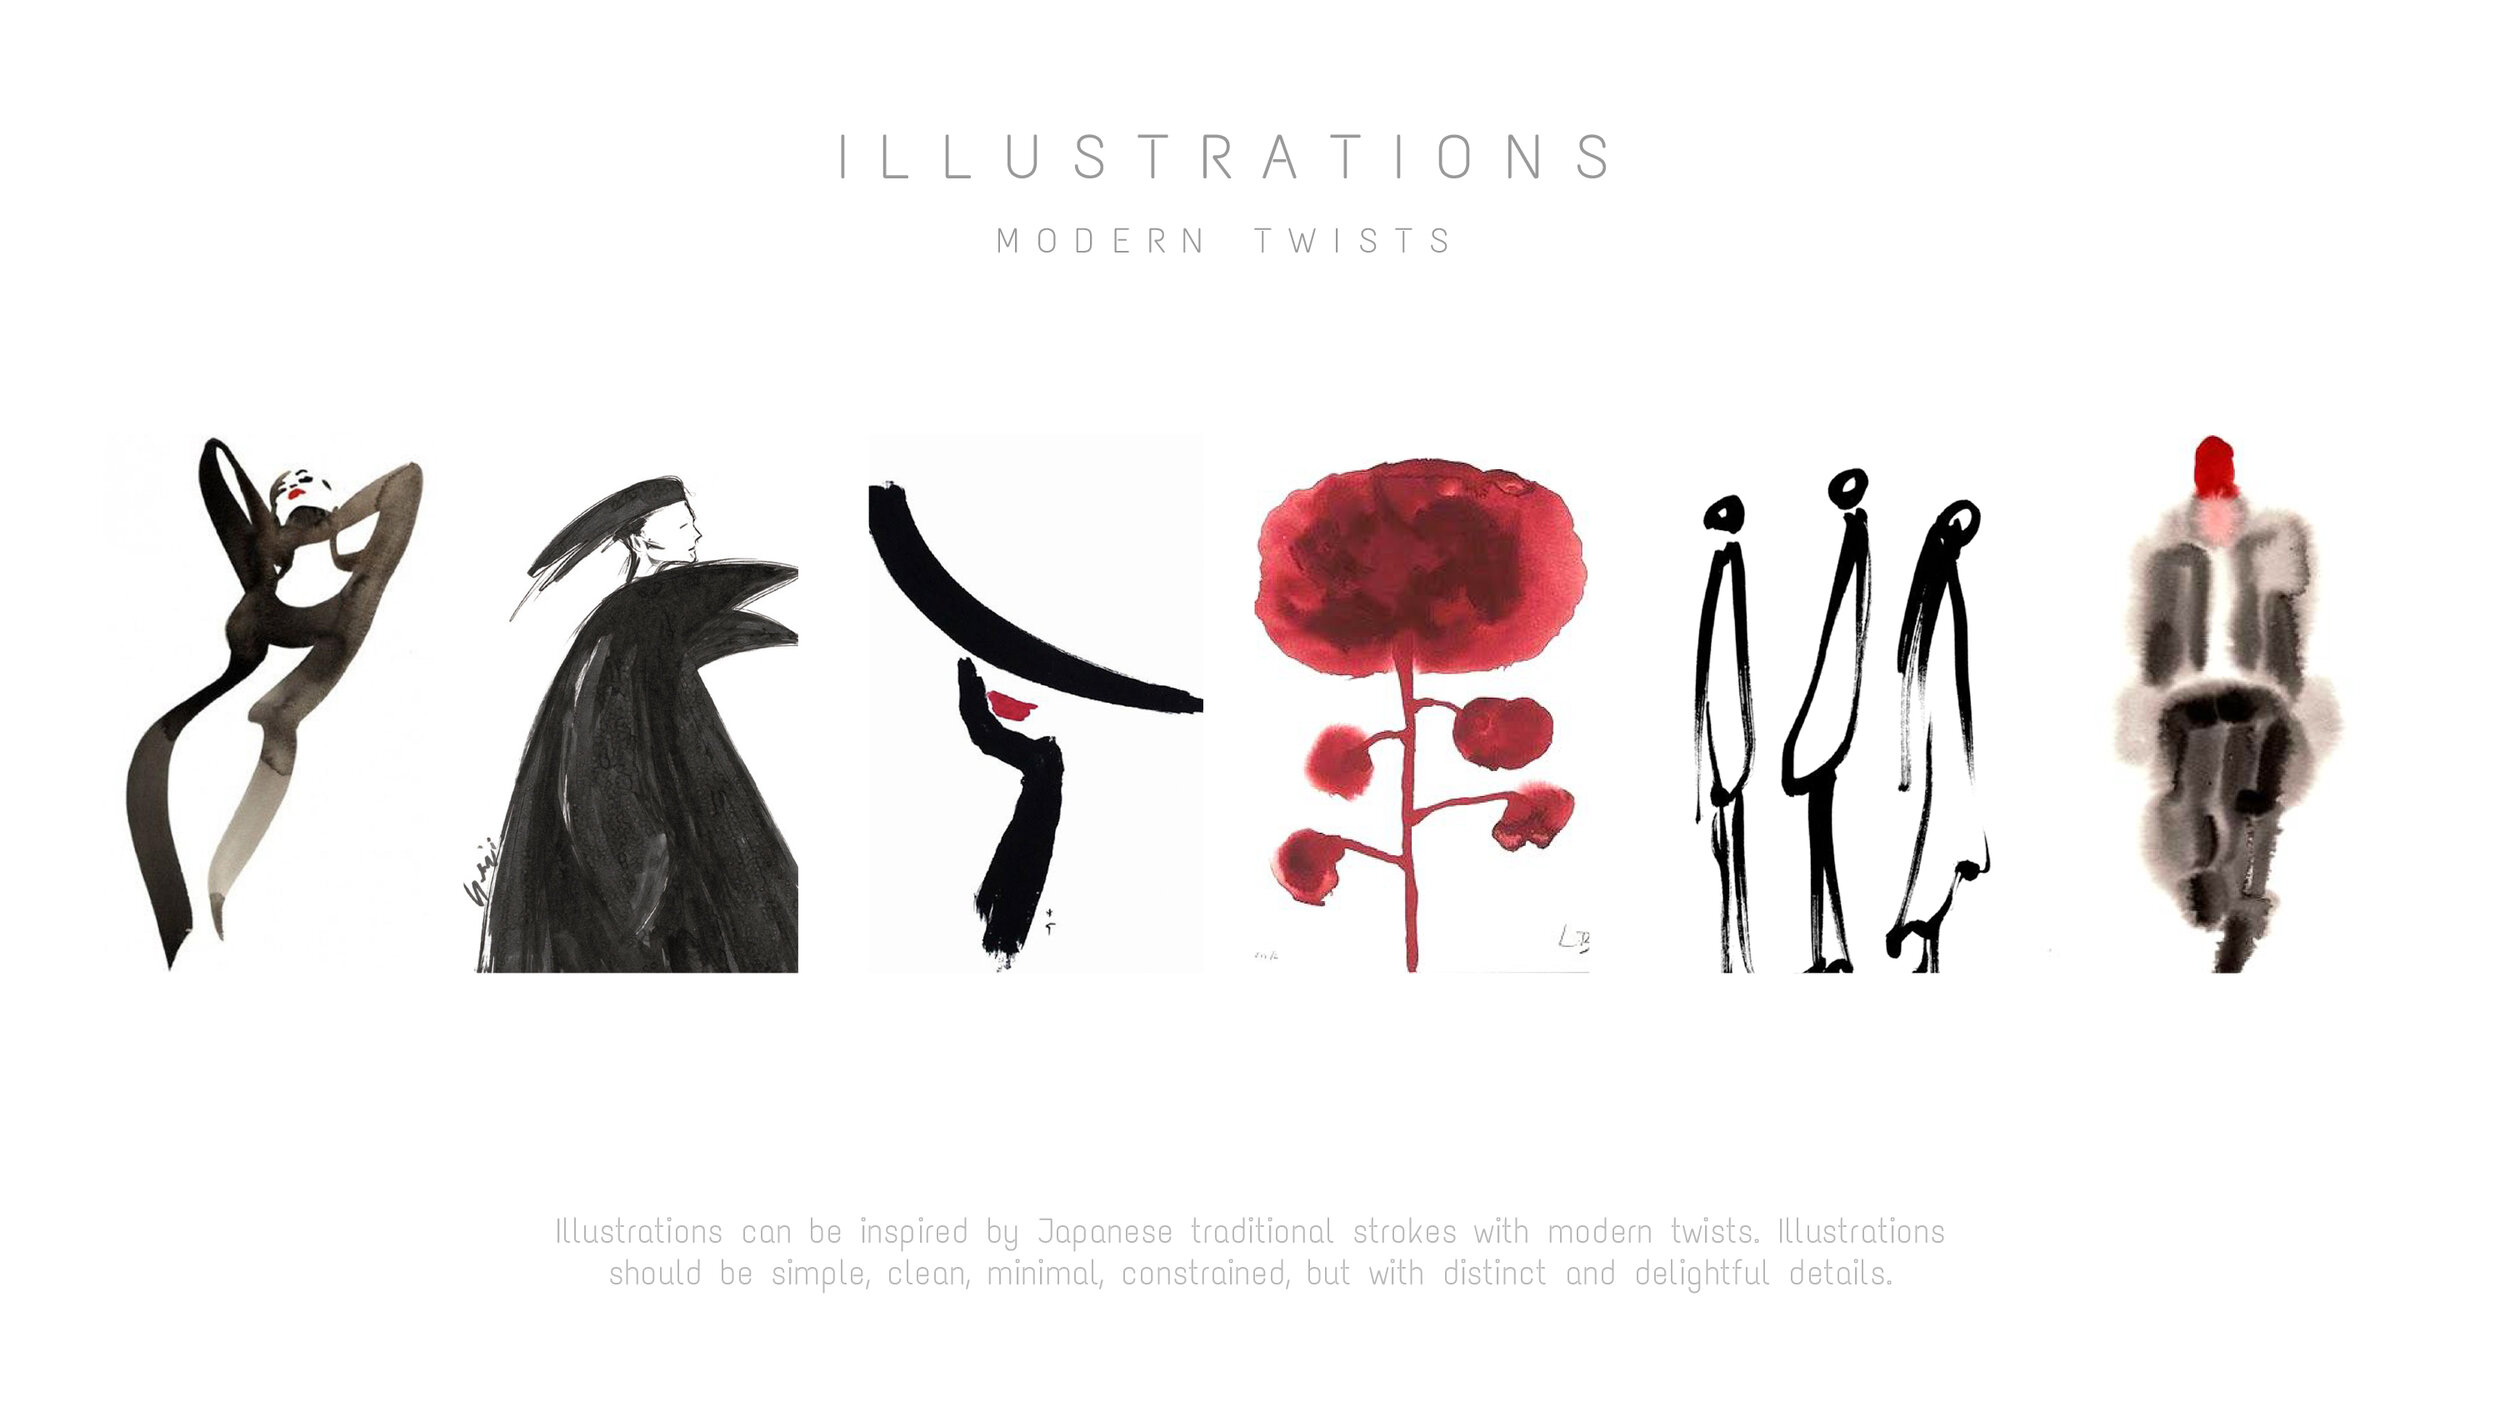 shiseido_brandbook_illustration1.jpg